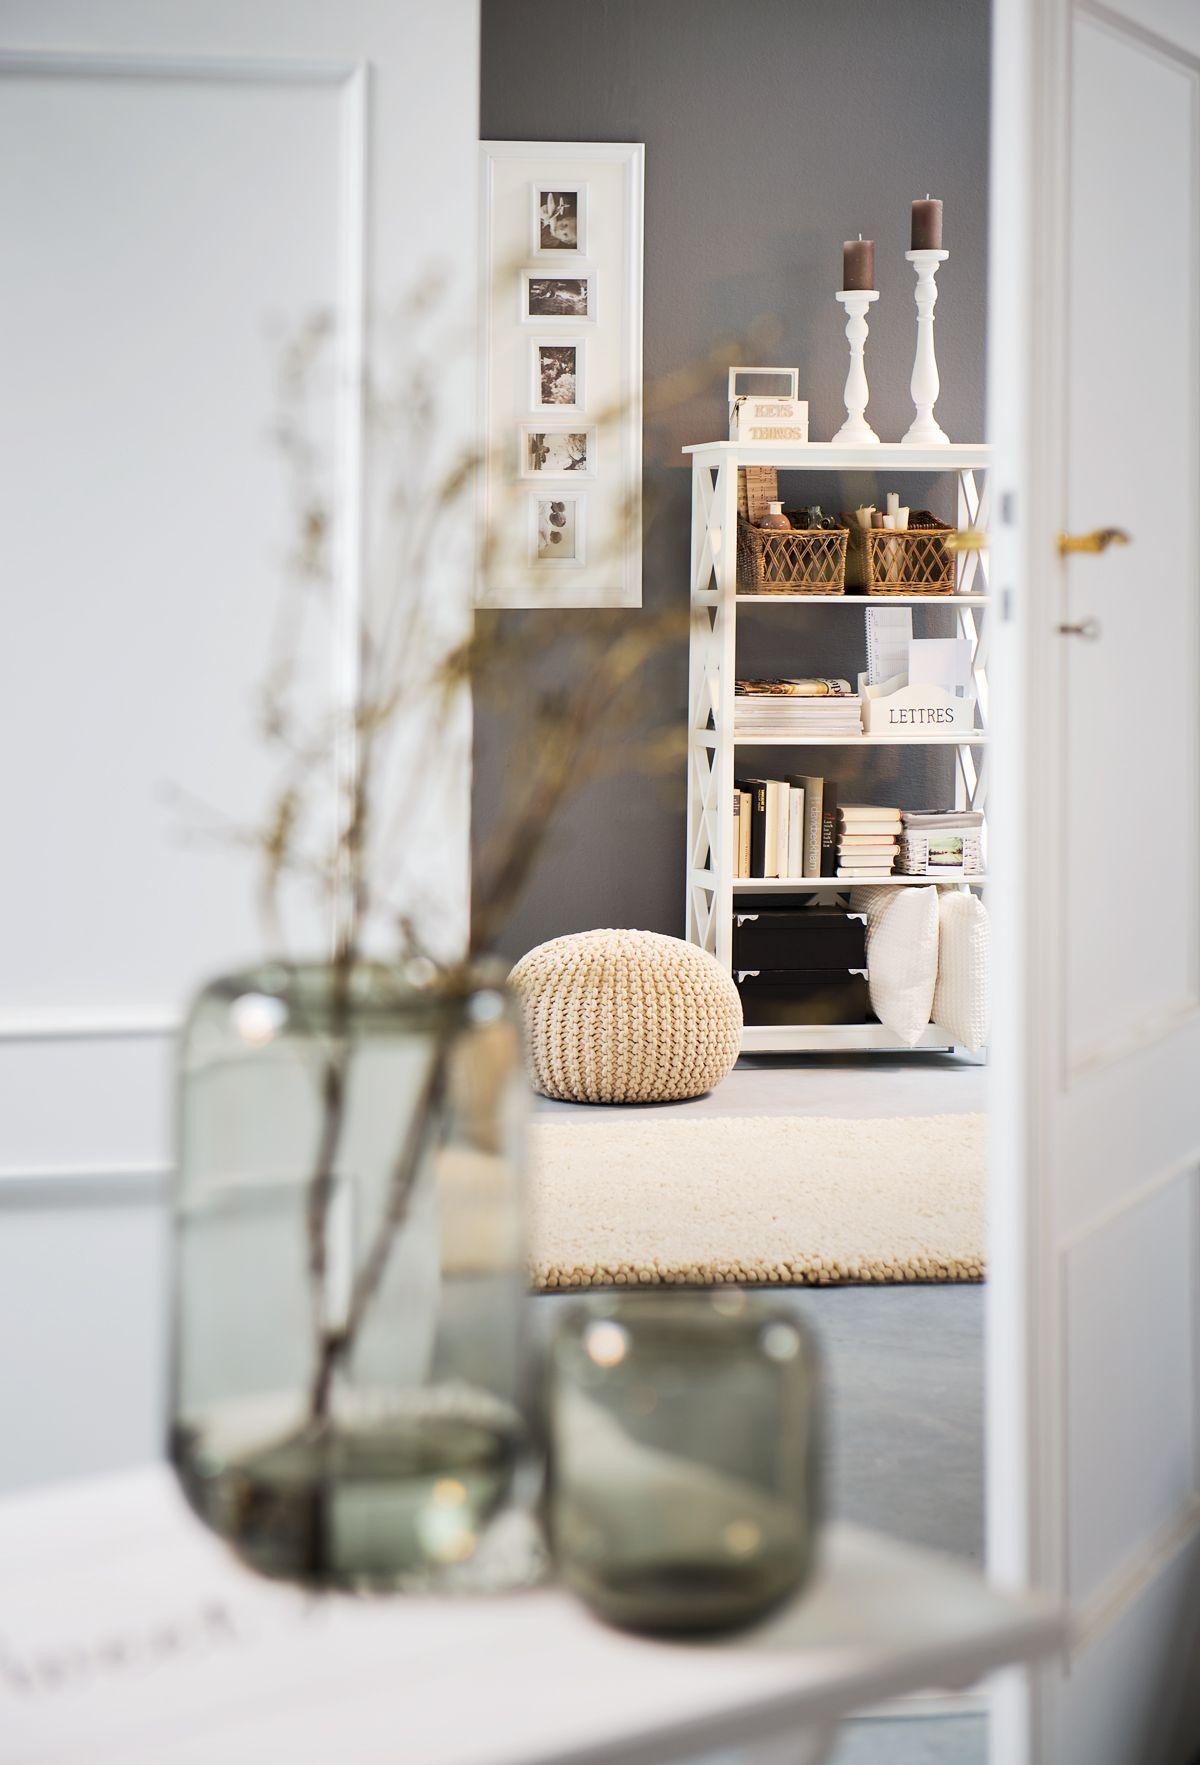 Sogar Moderne #Glasvasen Lassen Sich Perfekt Und Stilvoll Mit Dem #Landhausstil  Kombinieren. Zu